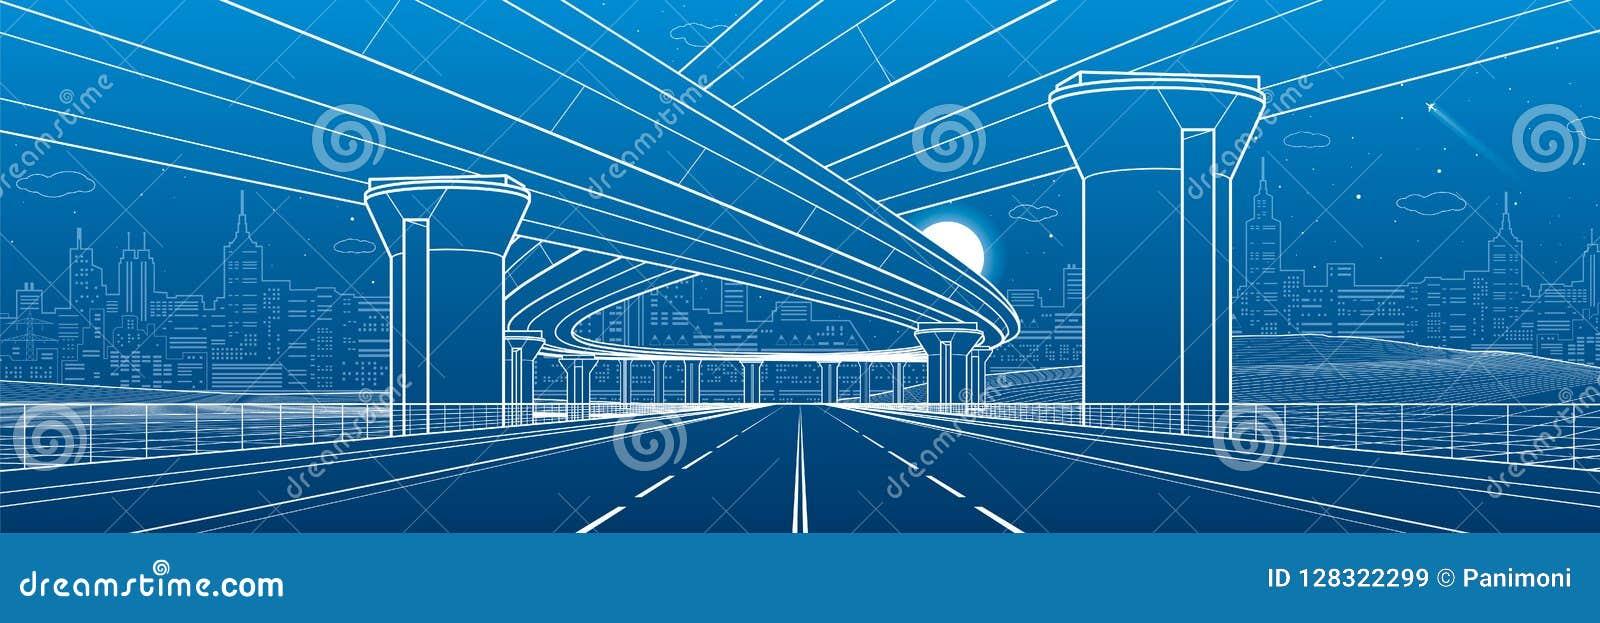 Architecture de ville et illustration d infrastructure, passage supérieur des véhicules à moteur, grands ponts, scène urbaine Vil